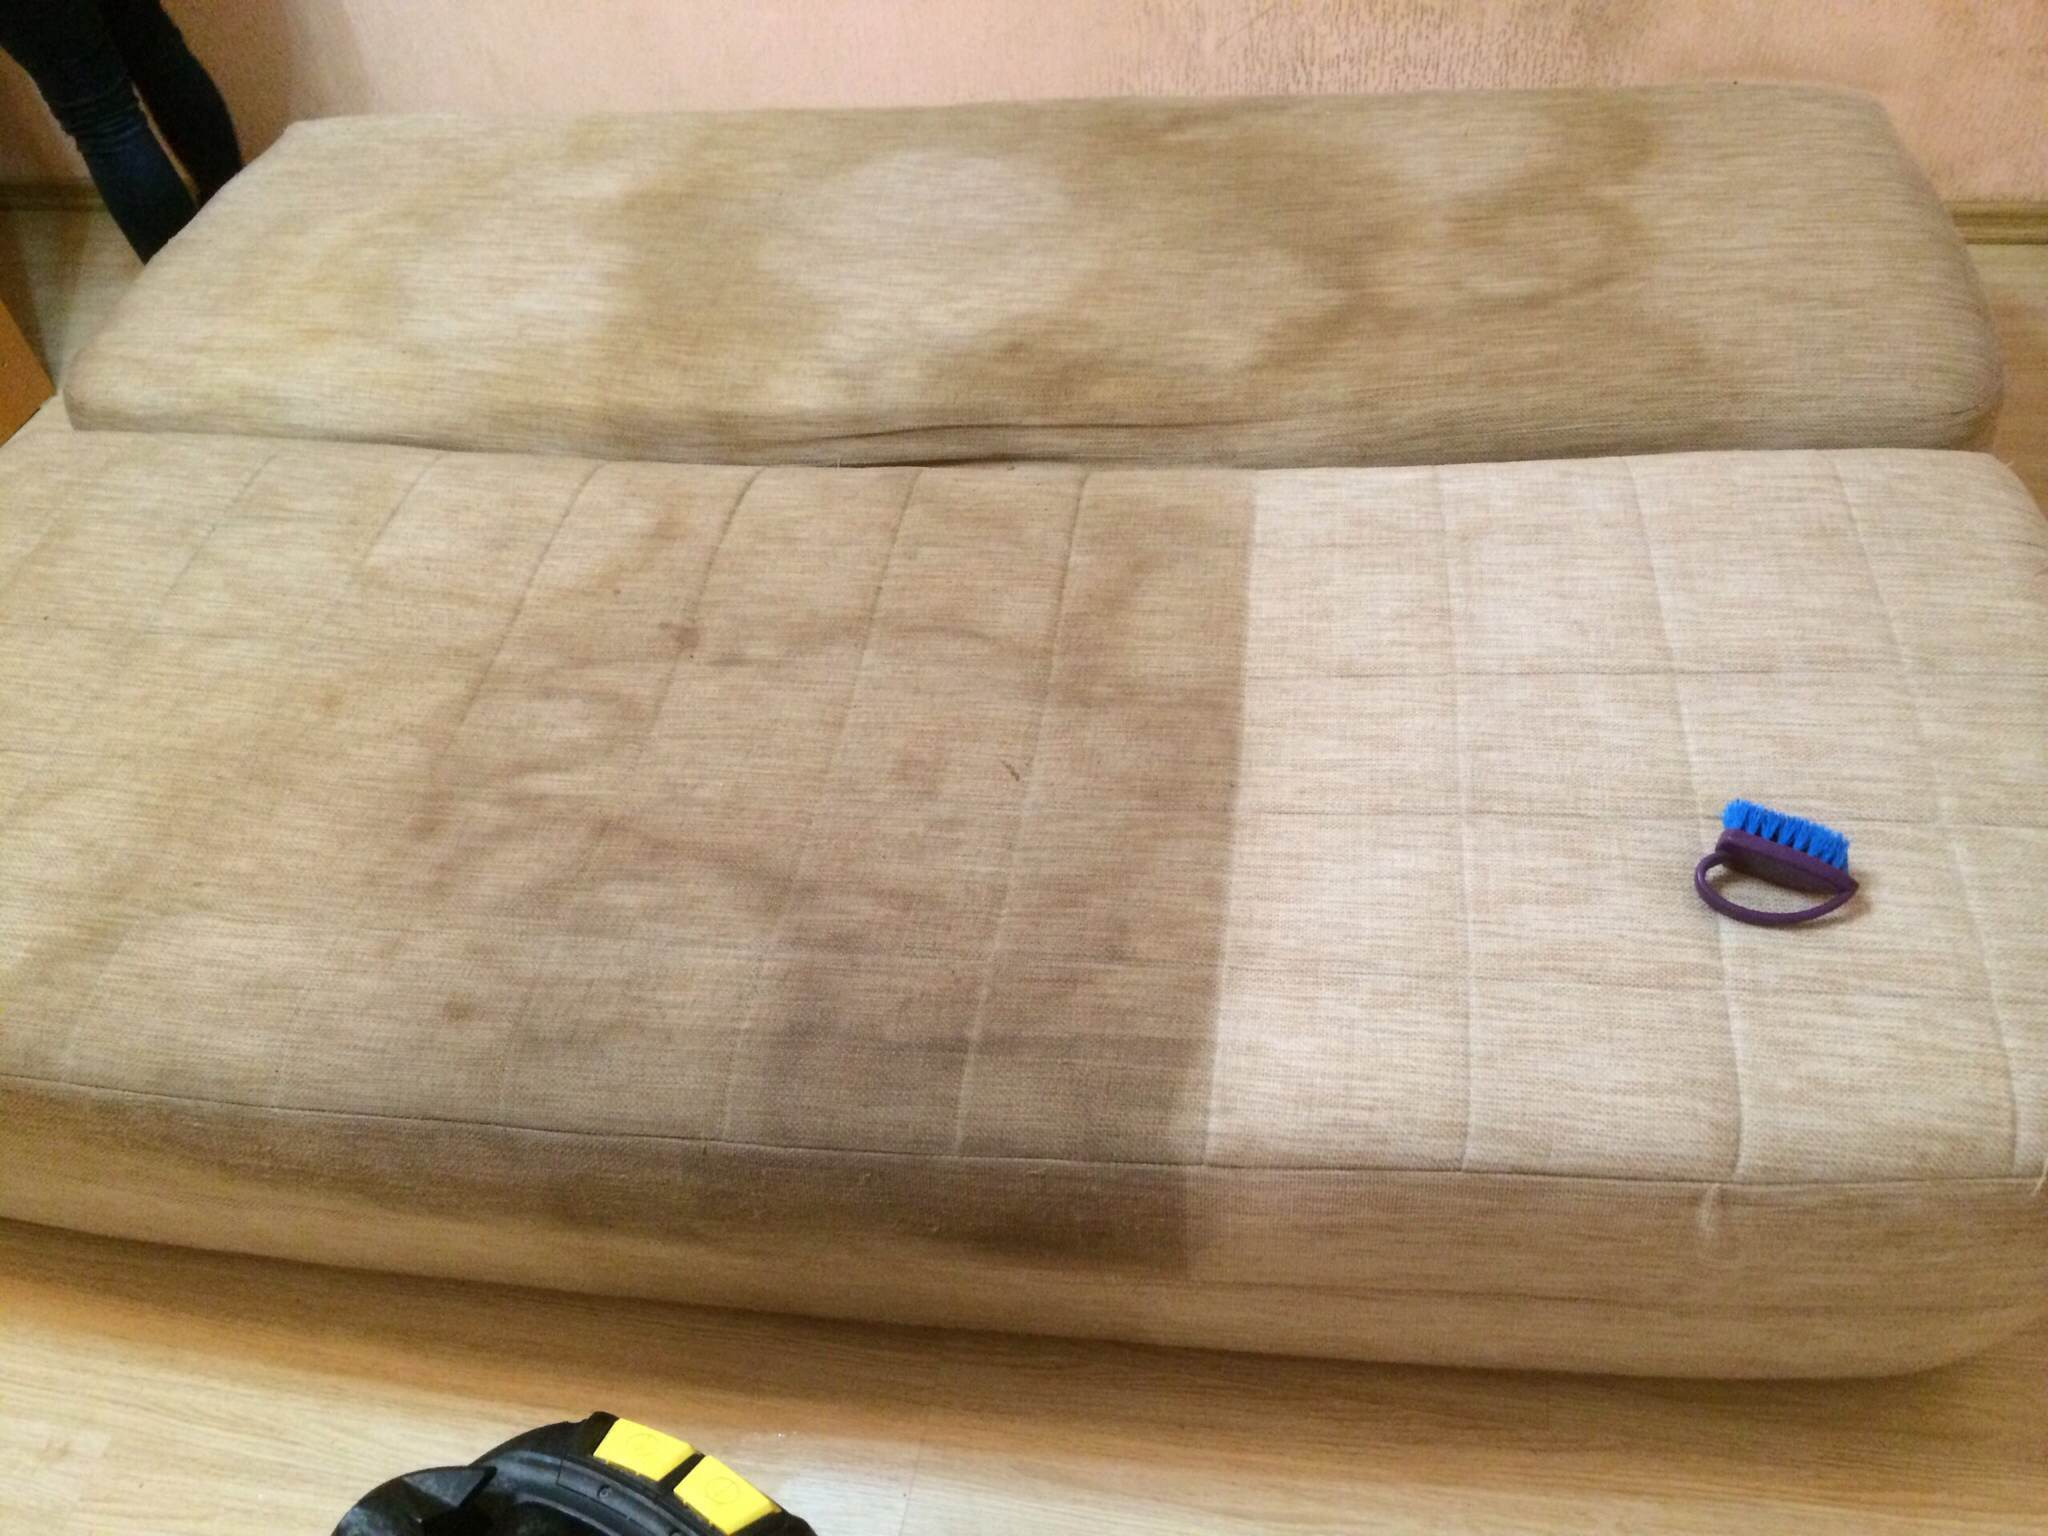 Реставрация дивана своими руками в домашних условиях